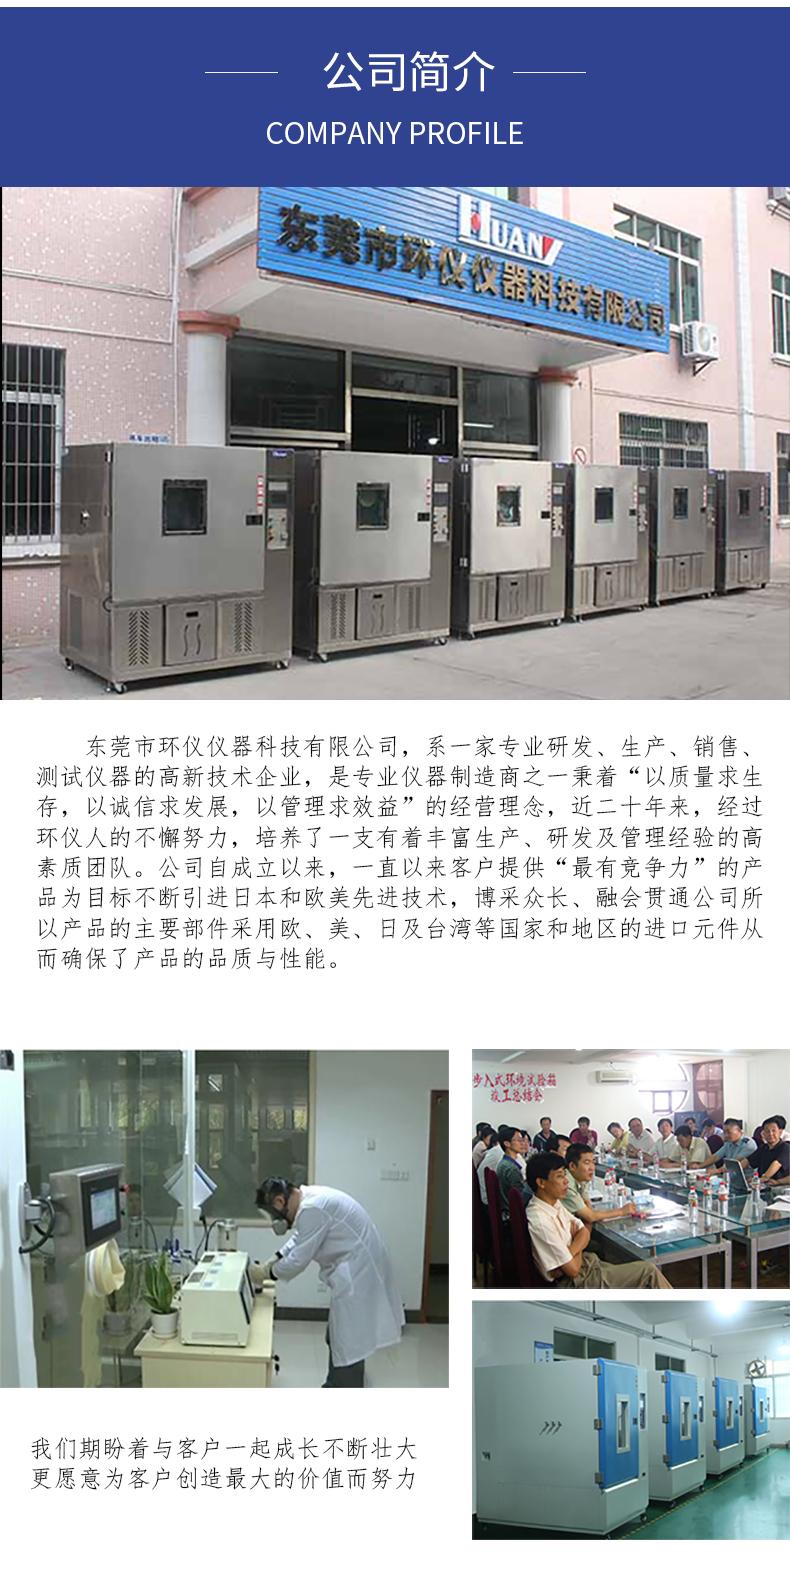 人造板及jia具jia醛释放量环境室厂jia